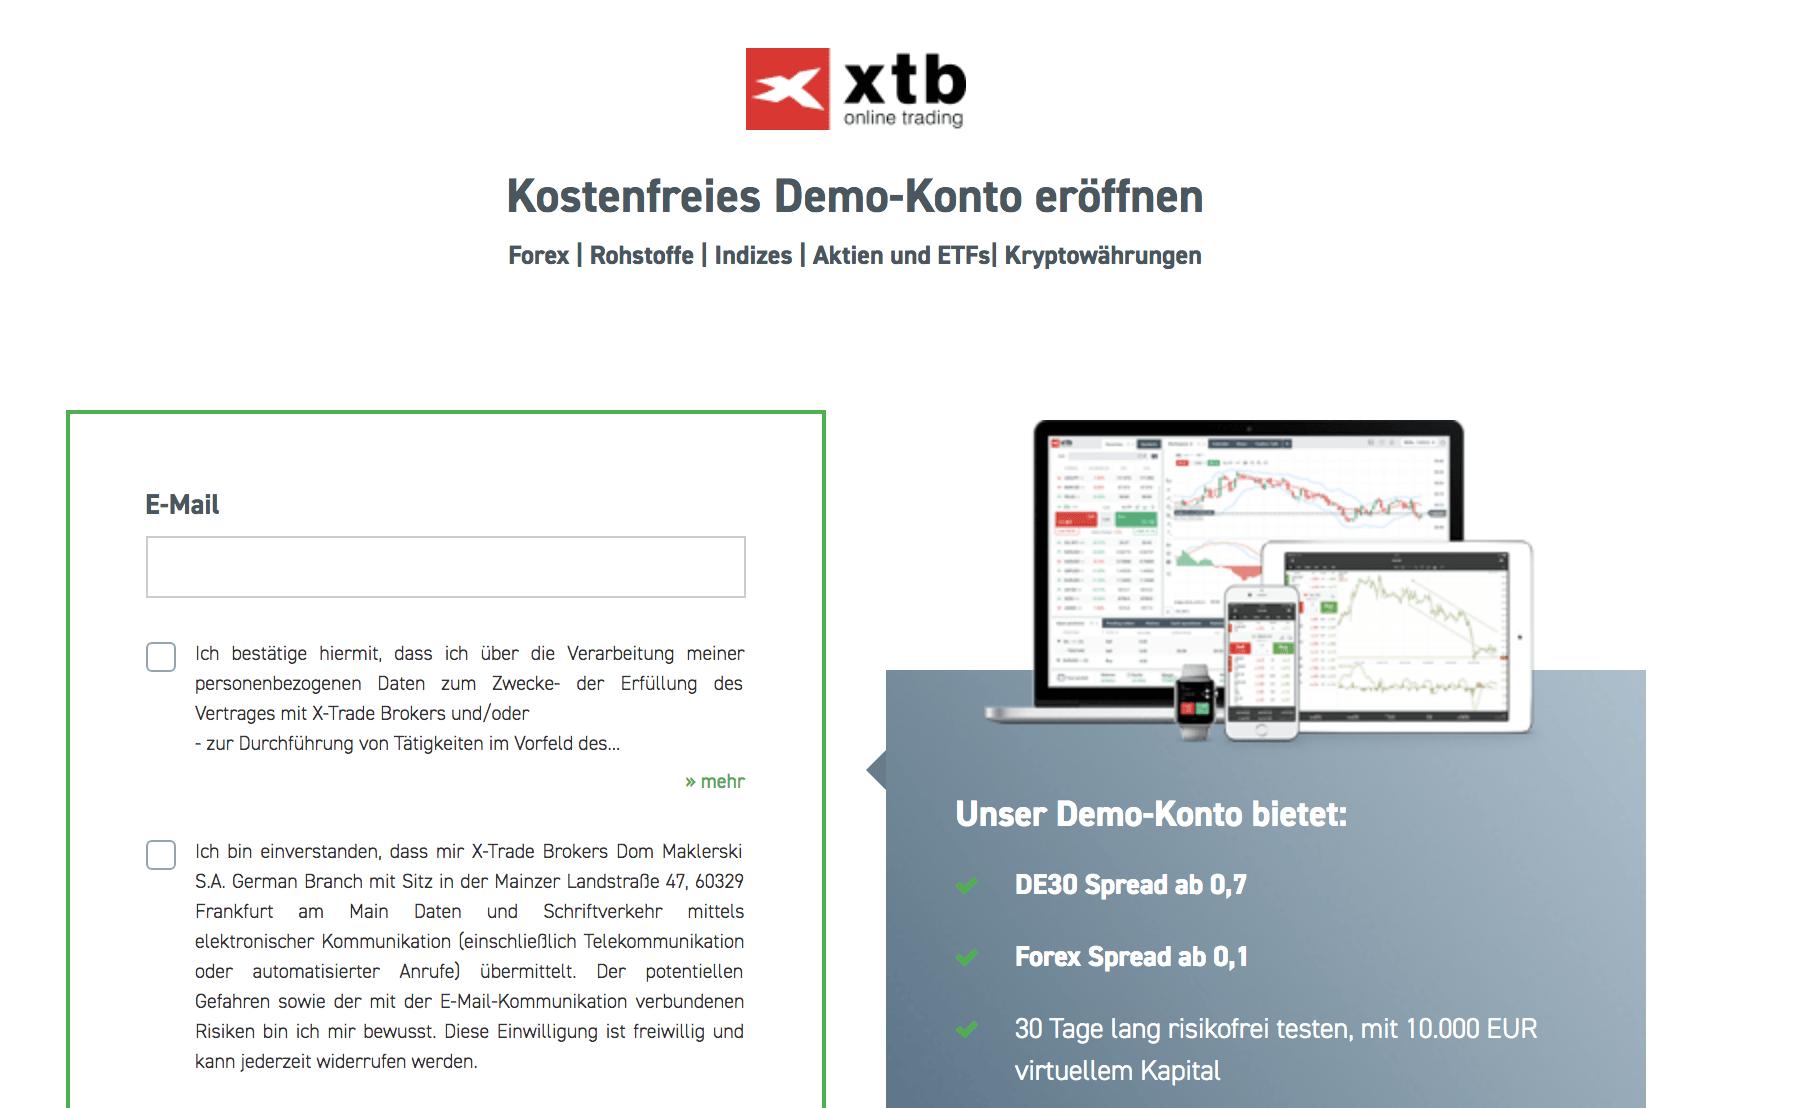 XTB Demokonto